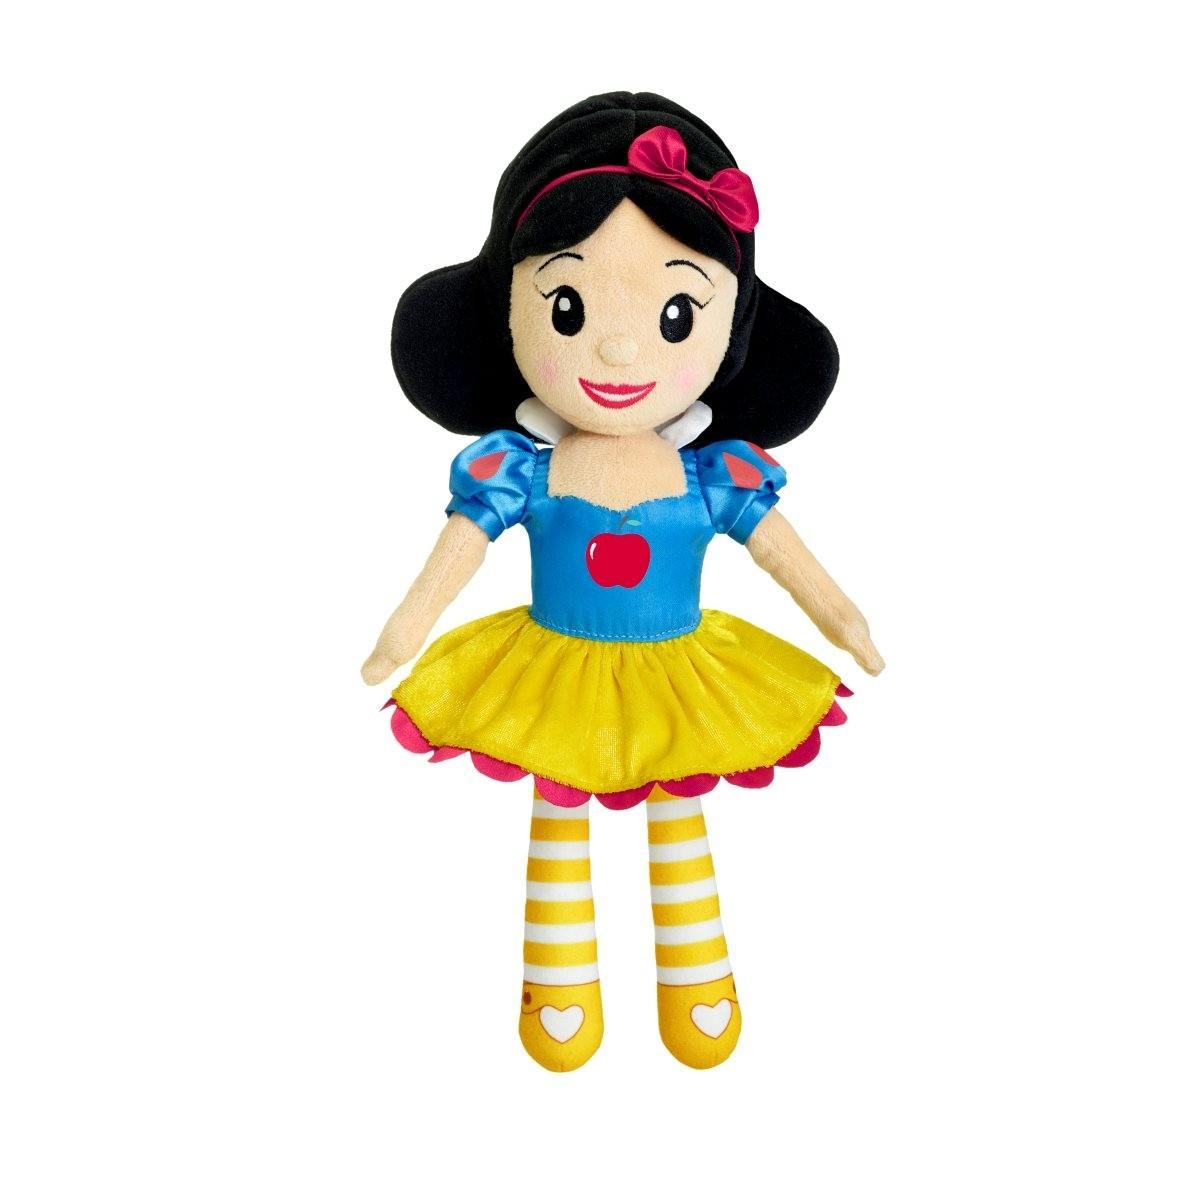 Мягкая кукла Disney Princess - Волшебные мелодии - БелоснежкаБелоснежка<br>Мягкая кукла Disney Princess - Волшебные мелодии - Белоснежка<br>